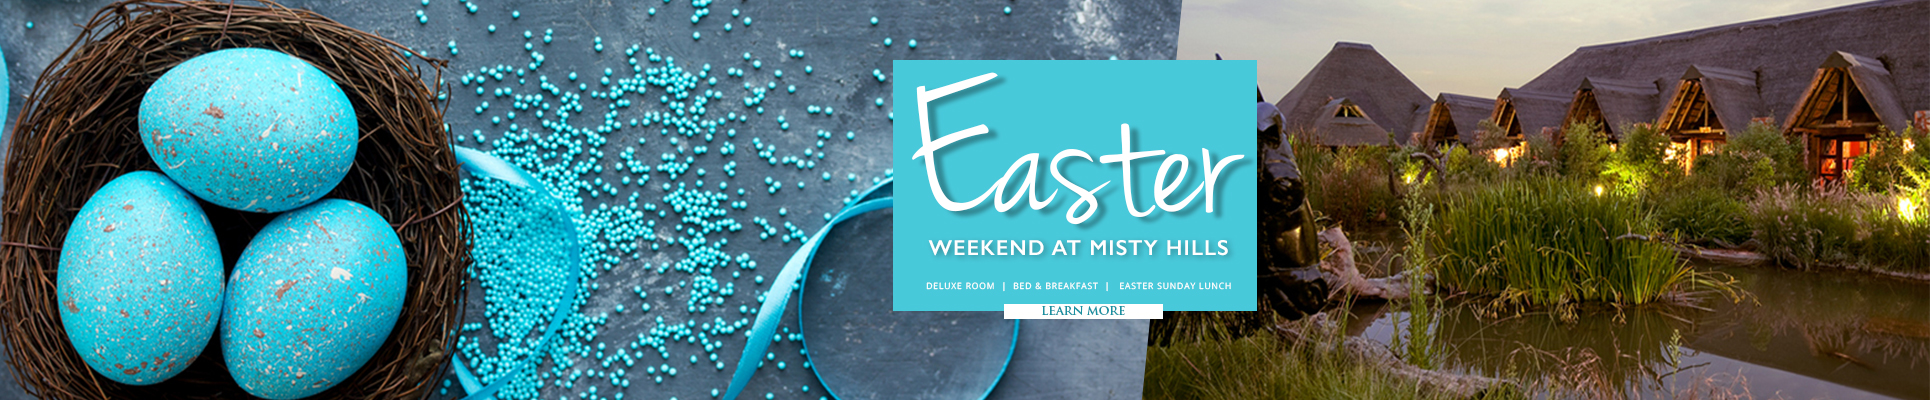 Easter weekend getaways in muldersdrift